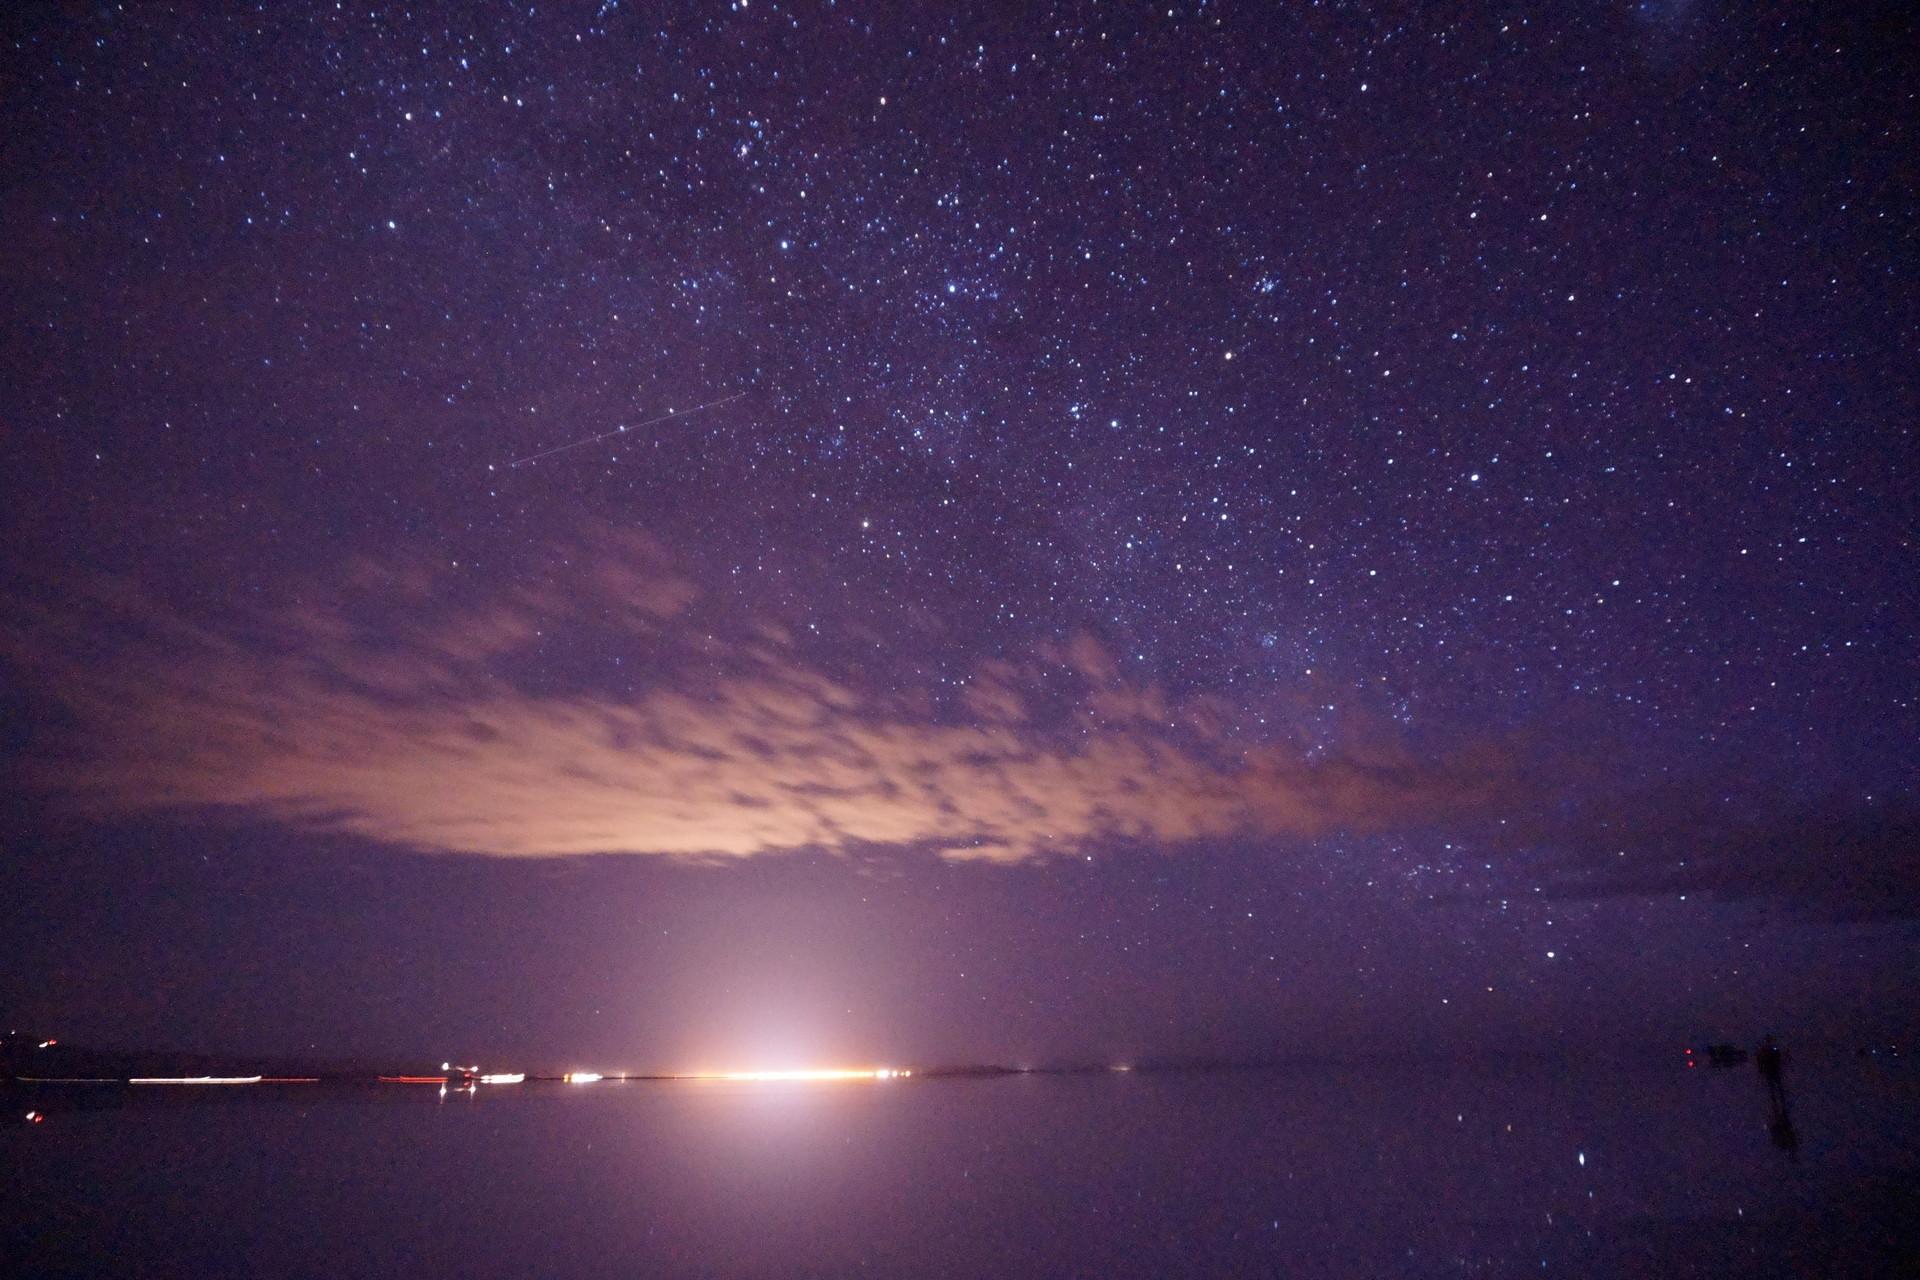 ボリビア ウユニ塩湖 サンセットサンライズ 夜空